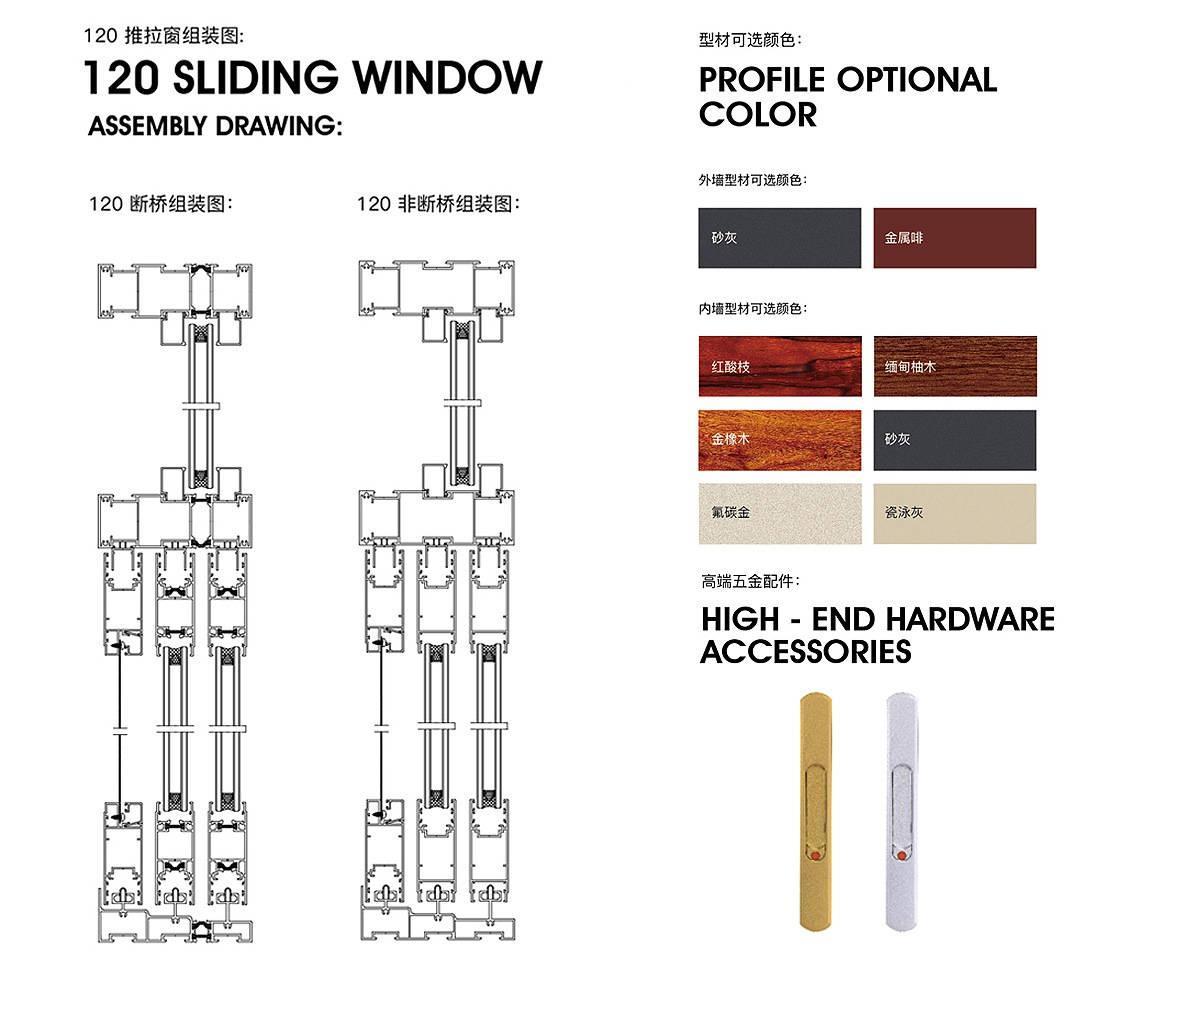 120推拉窗